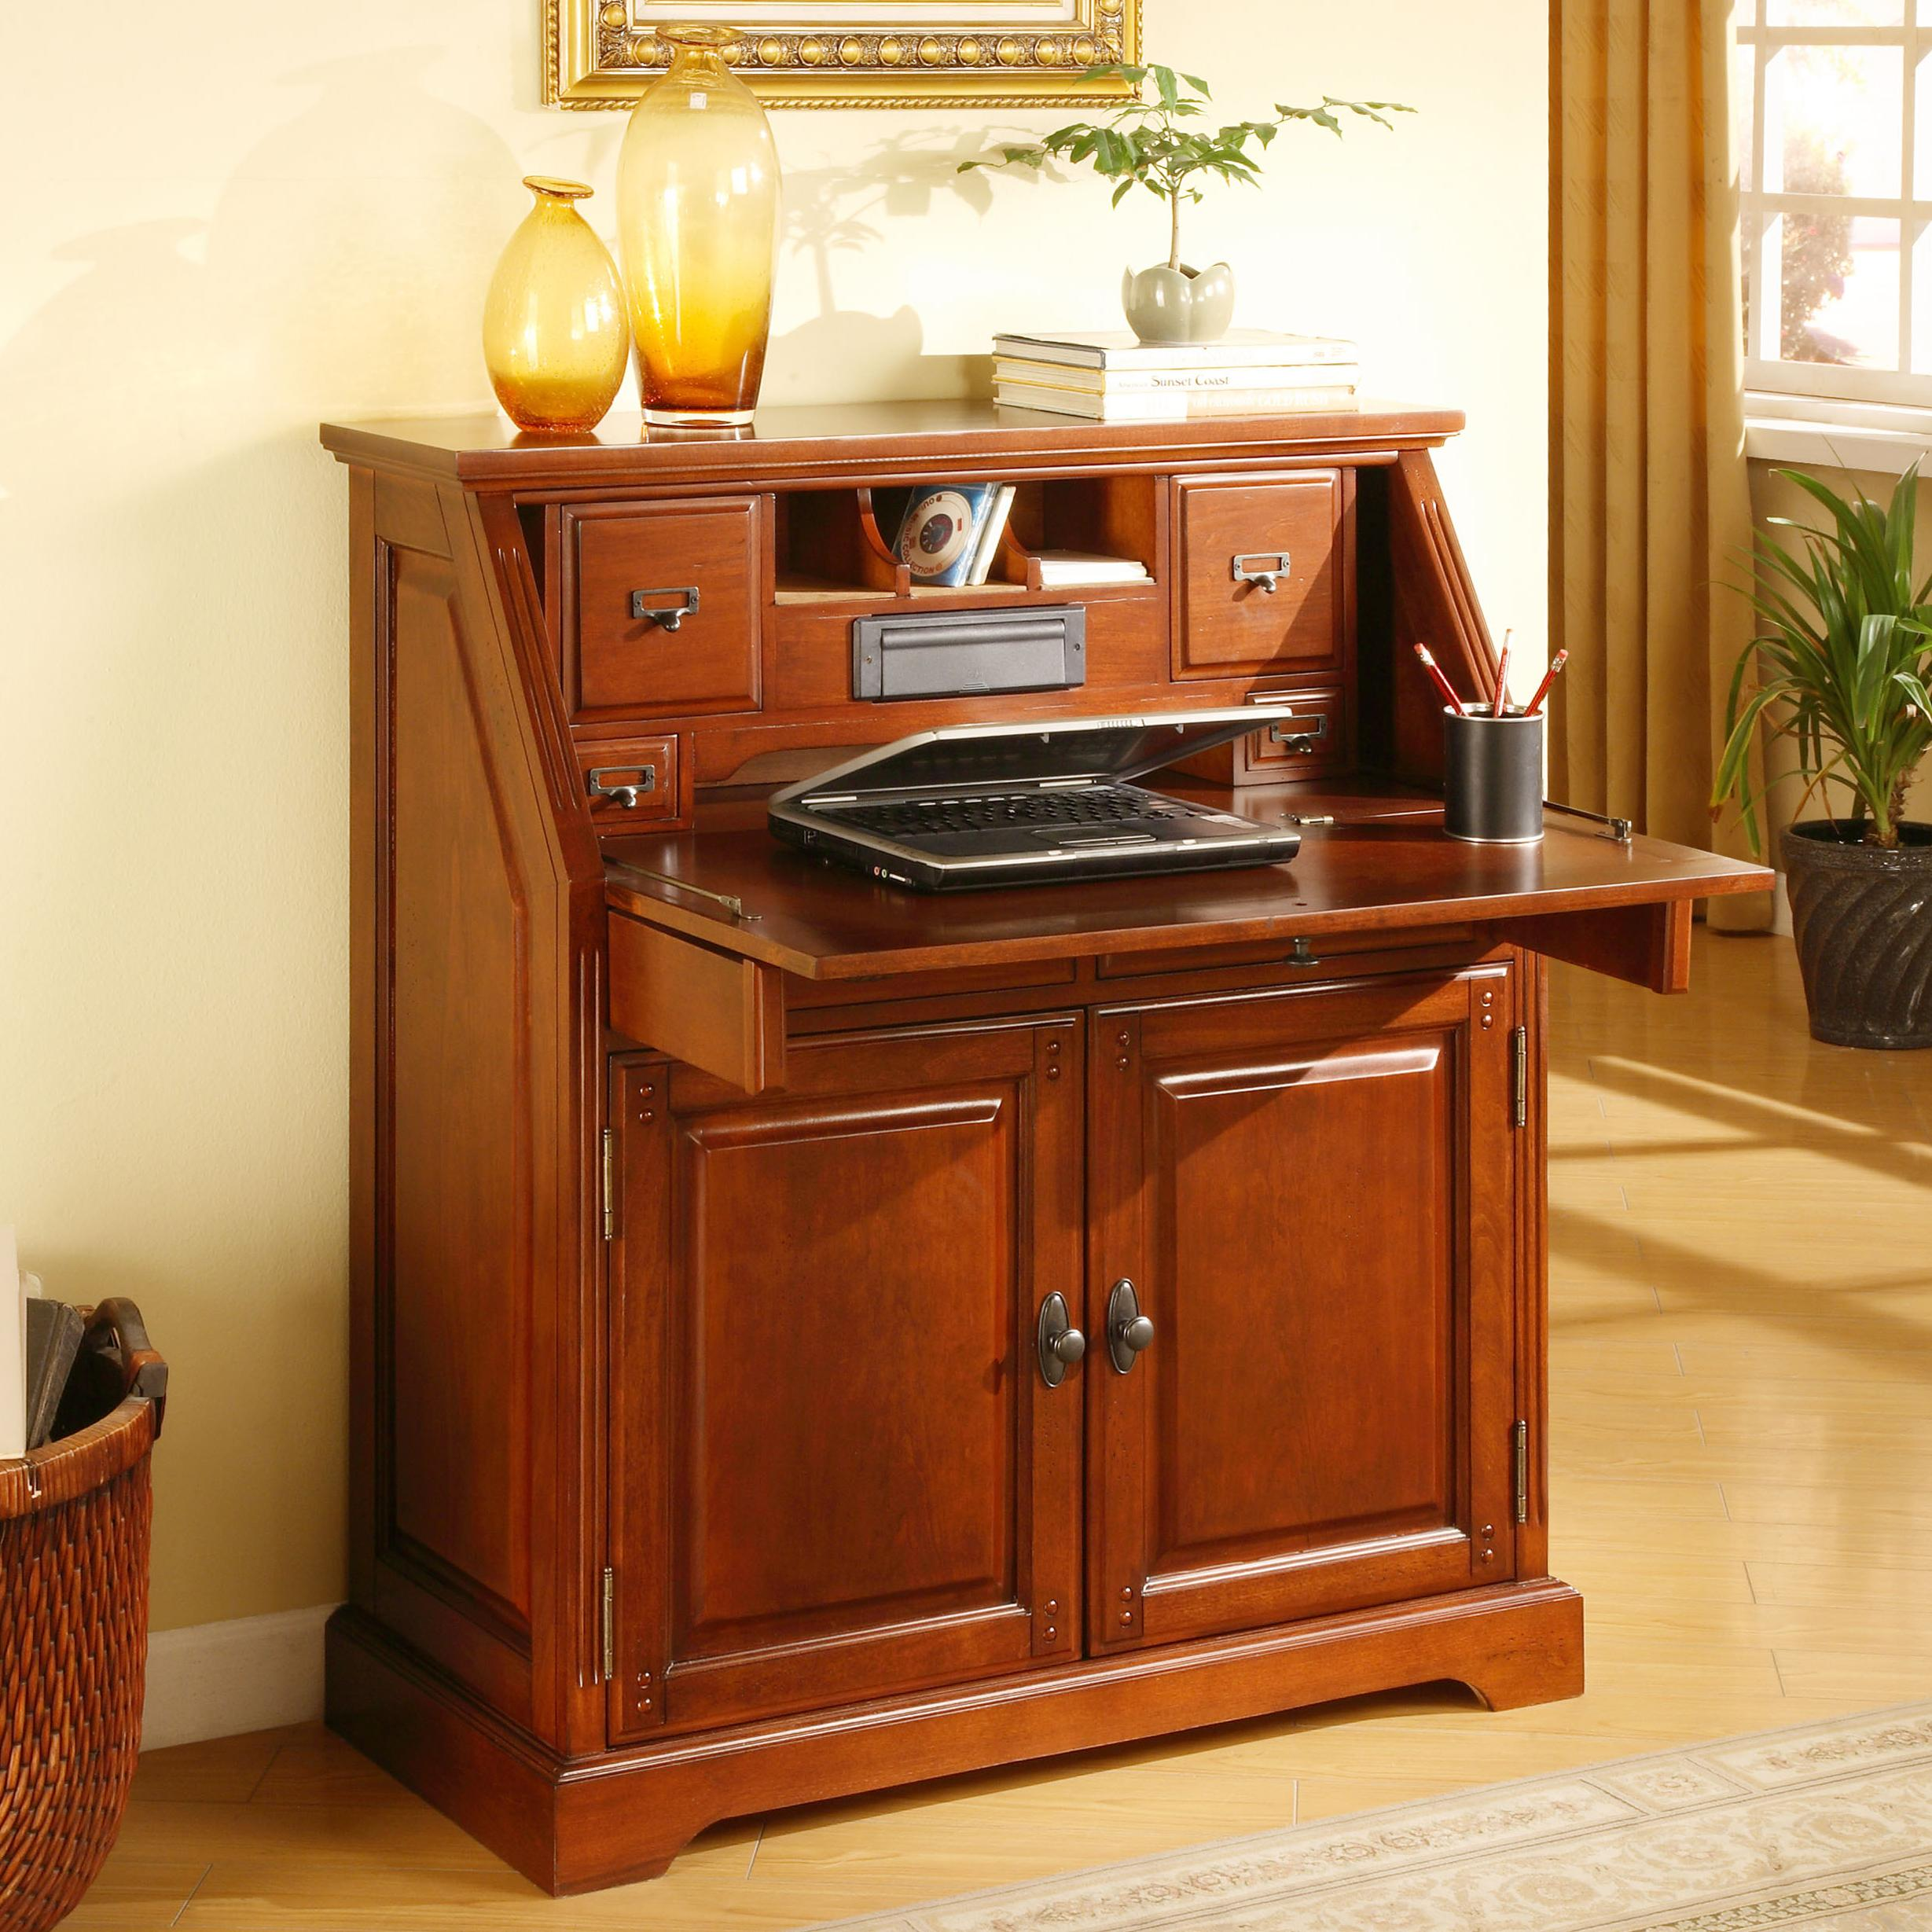 Golden Oak By Whalen New Hampshire Cherry Drop Lid Laptop Desk With 2 Doors    BigFurnitureWebsite   Roll Top Desk